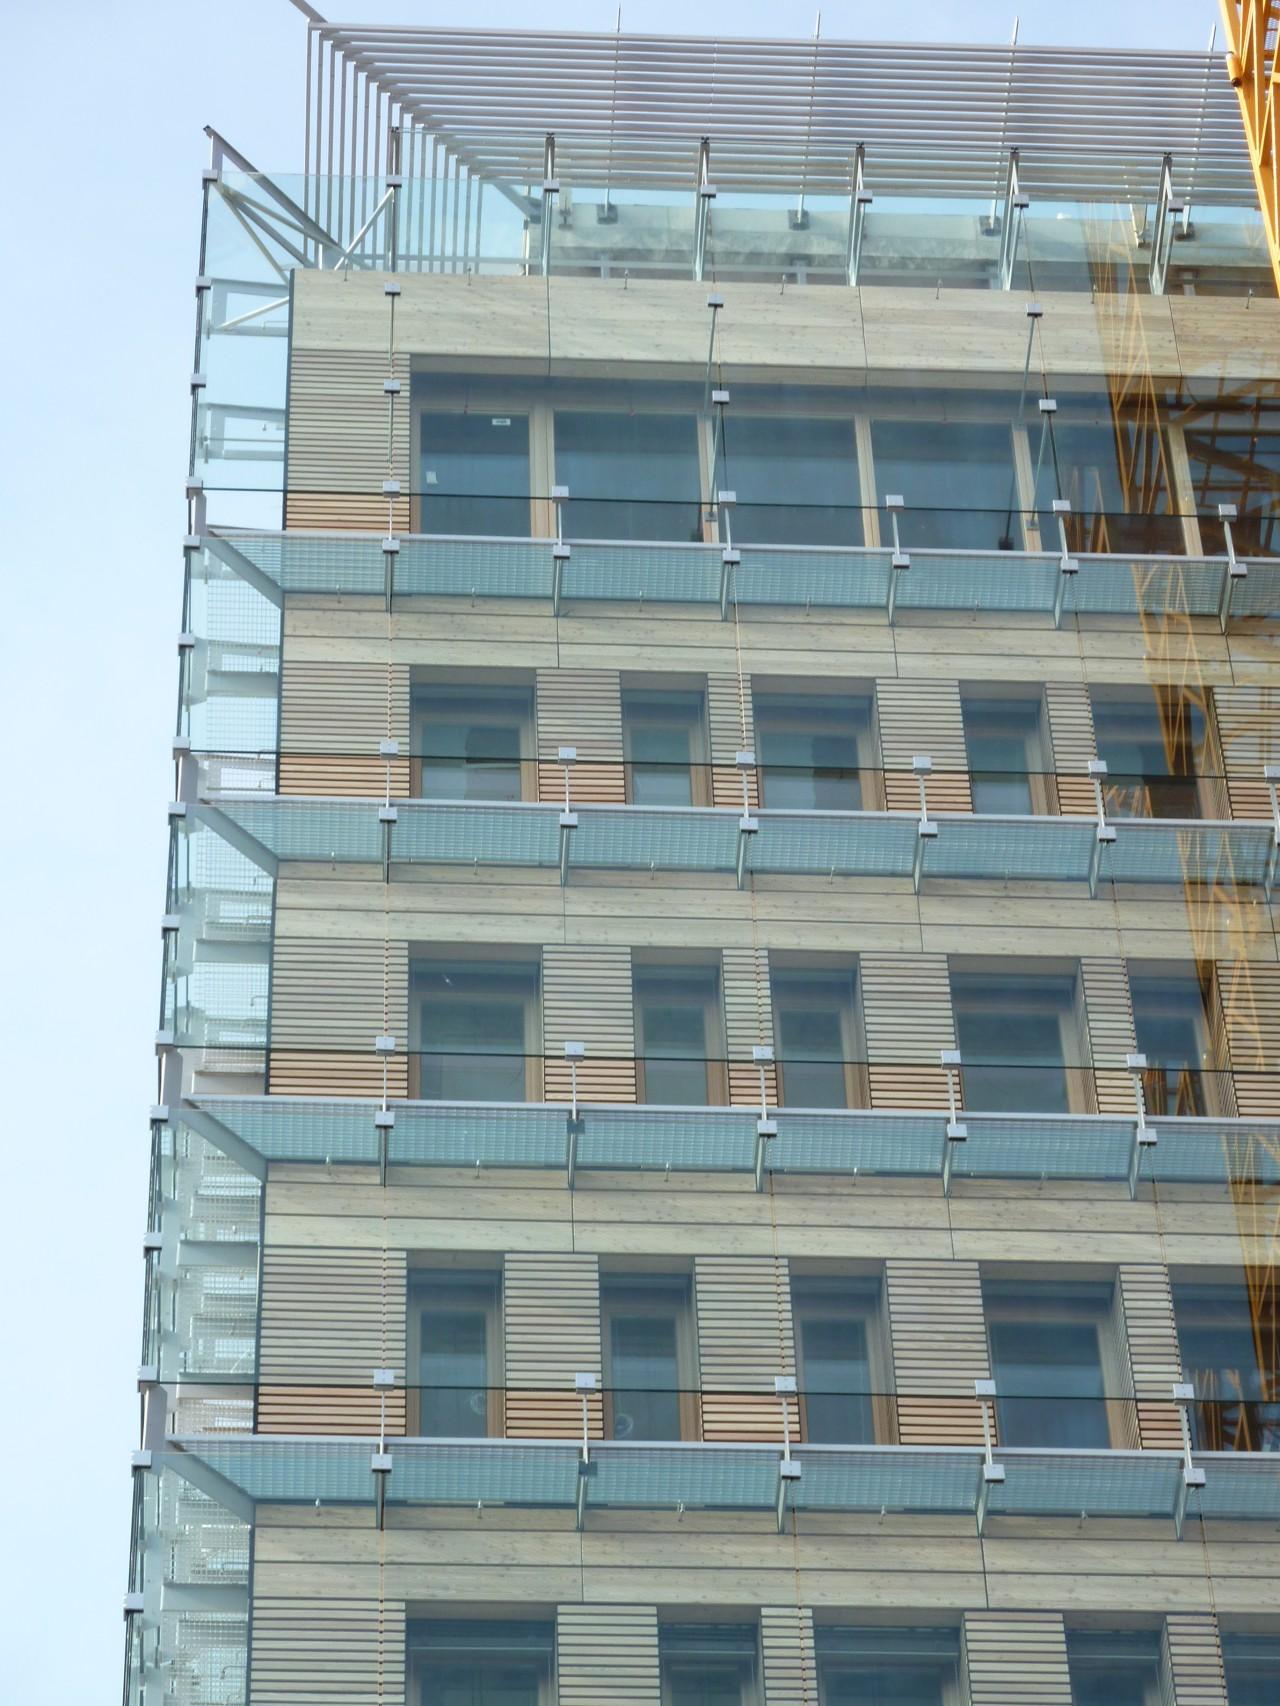 Architekt Rosenheim ingenieurbüro dr siebert büro für bauwesen sparkasse rosenheim